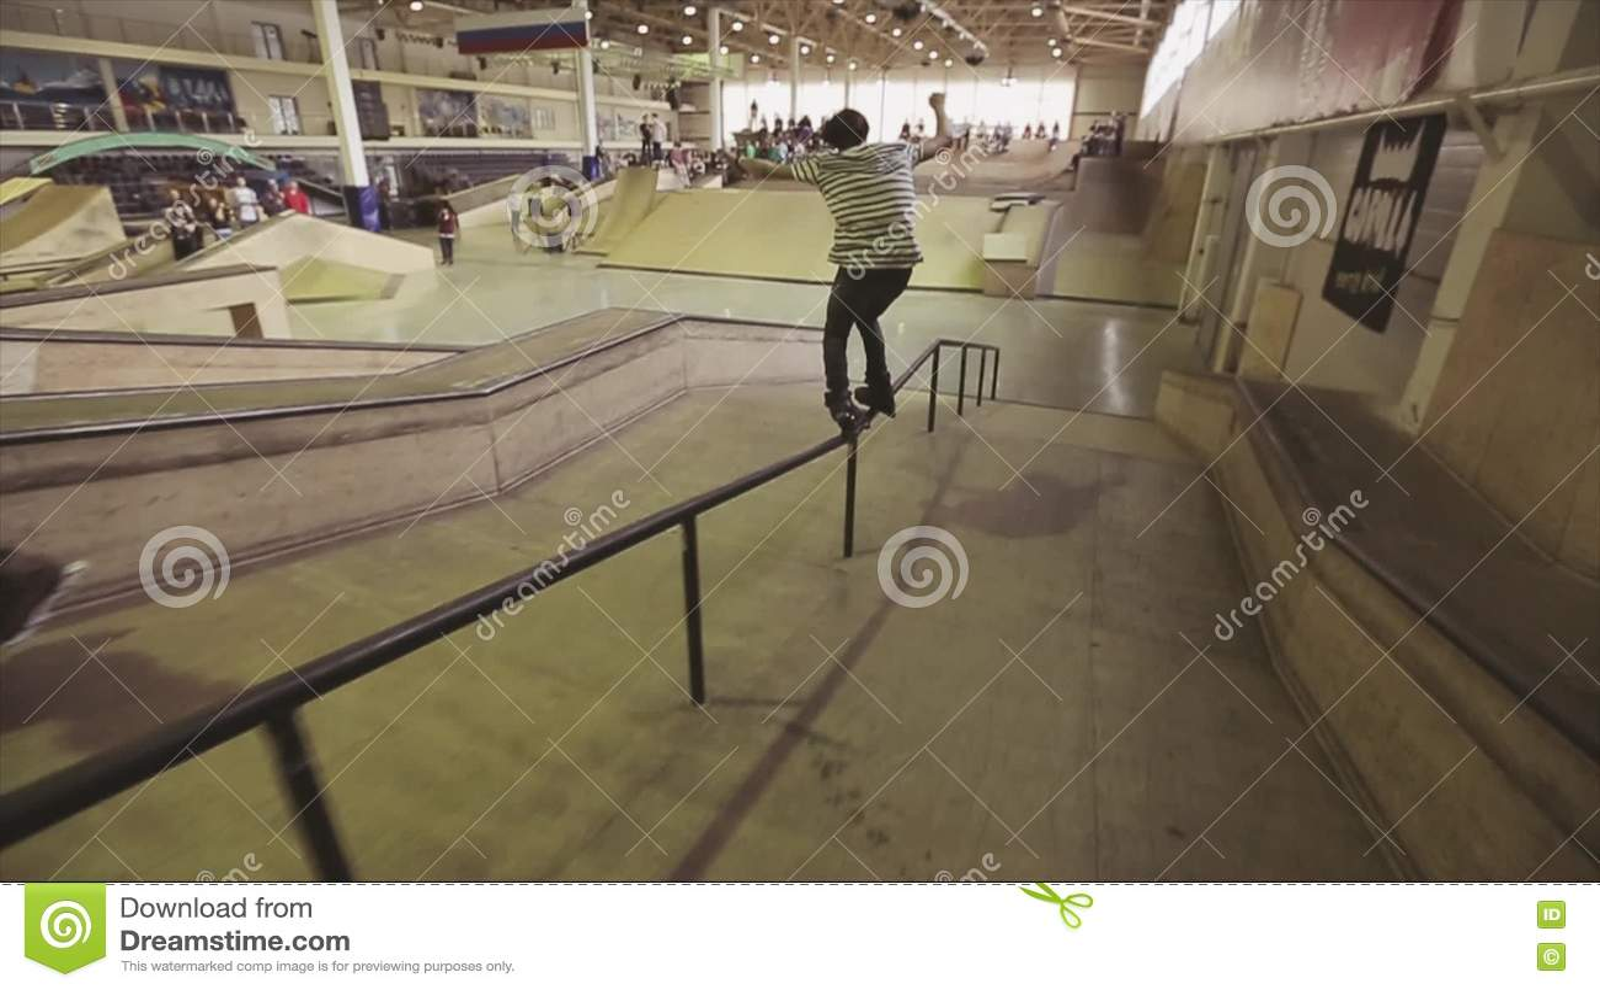 Roller skate xtreme - Roller Skater Make Extreme Slip On Long Fence In Skatepark Springboard Challenge Competition Stock Footage Video 71519470